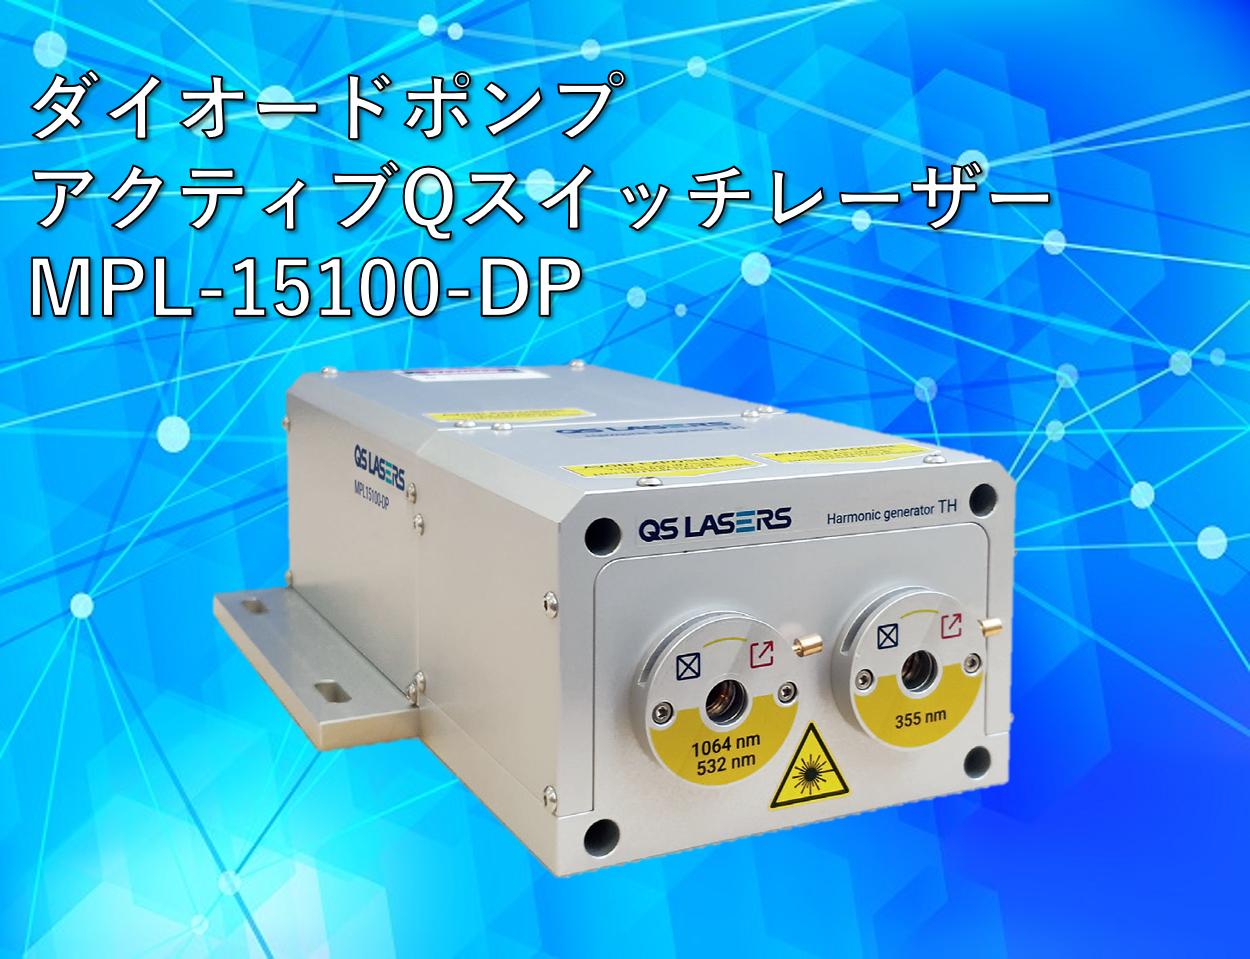 ダイオード励起 サブナノ秒パルスレーザー MPL-1510-DP